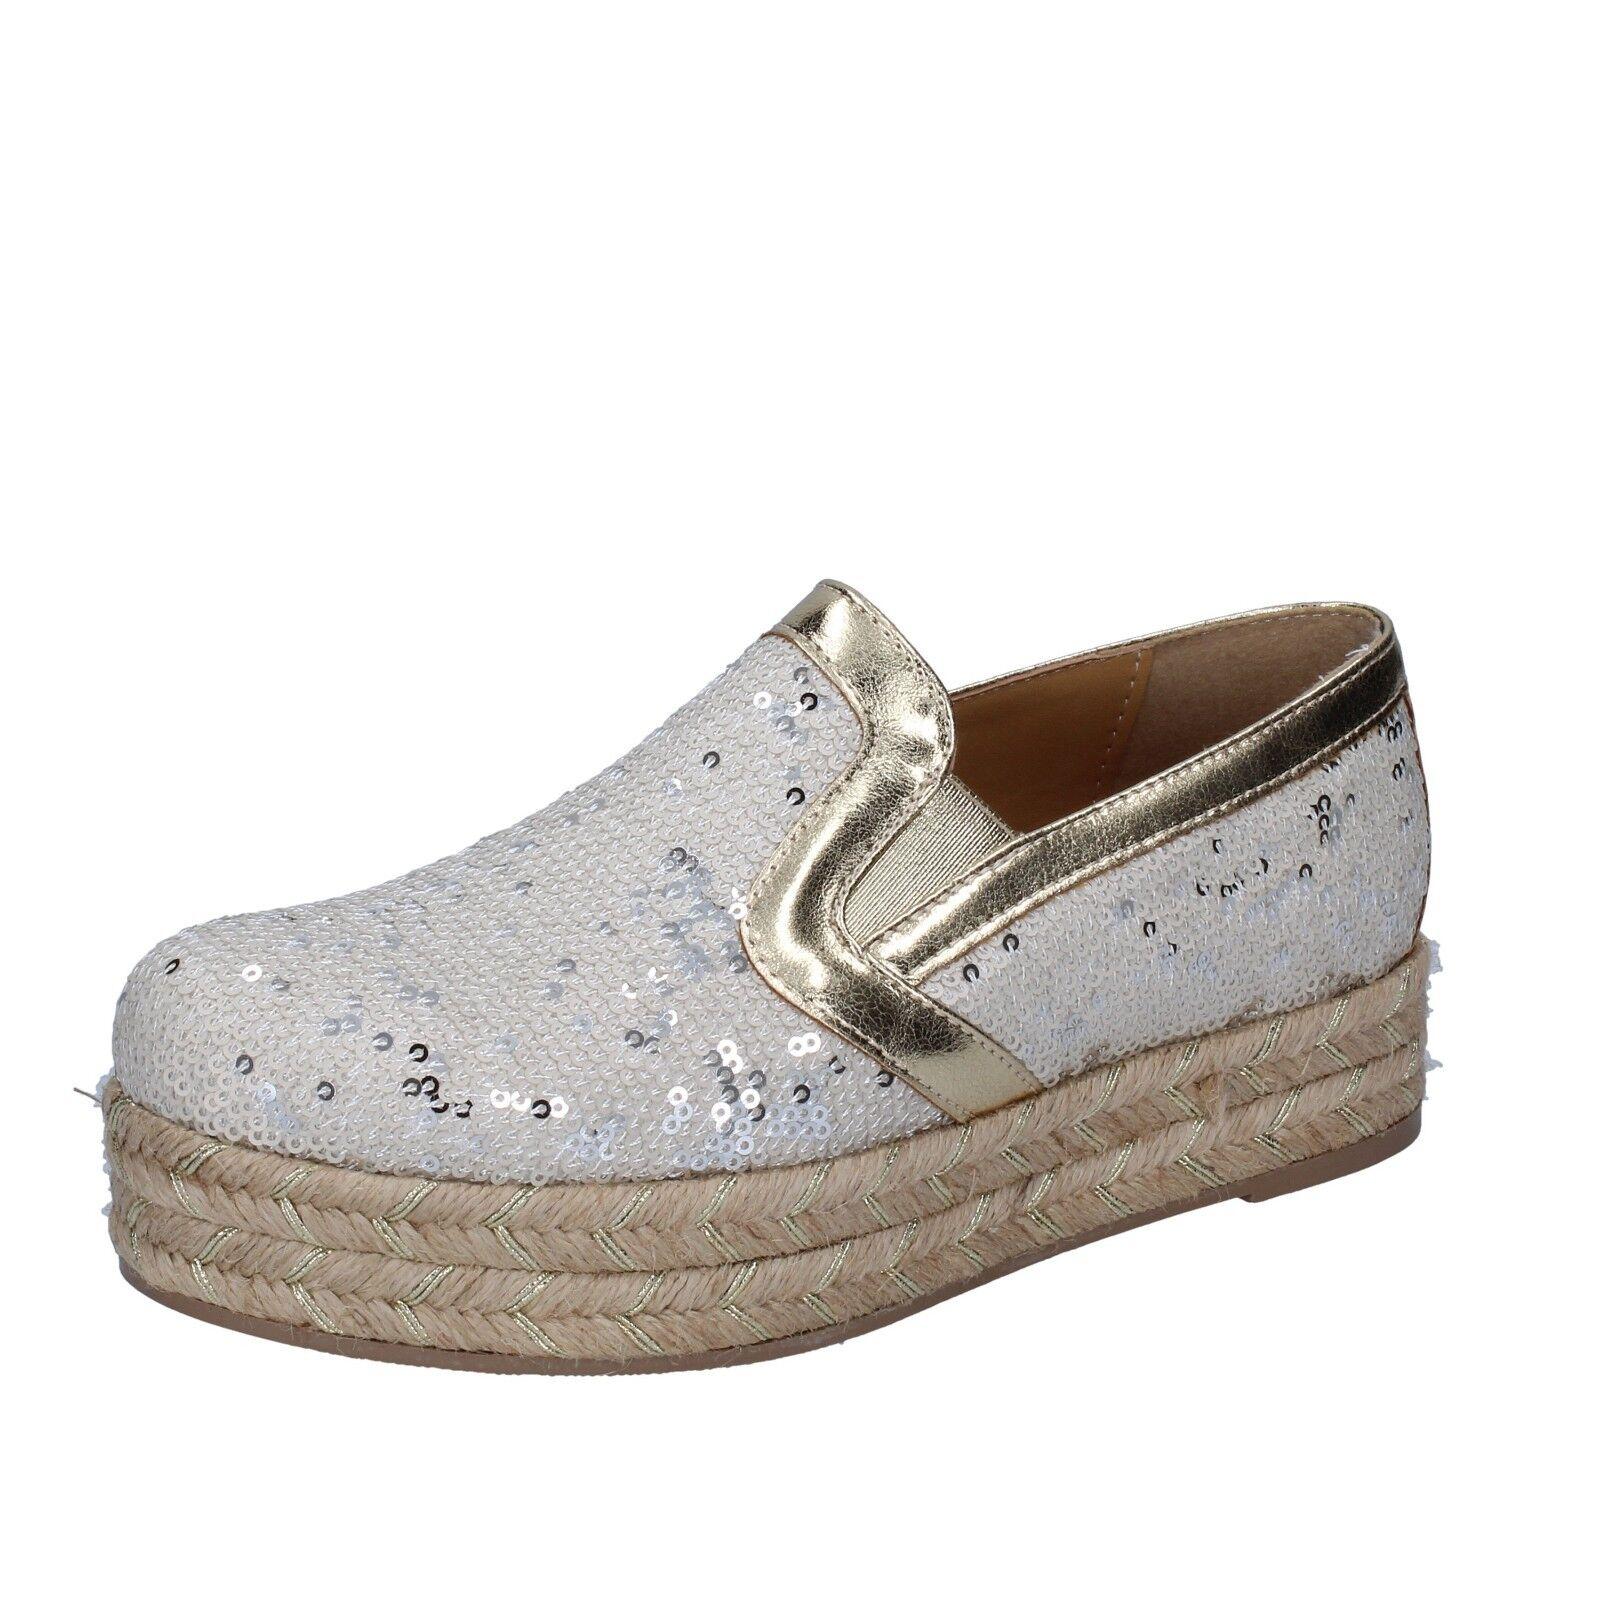 Women's shoes OLGA RUBINI 9 (EU 39) espadrillas slip on white pailettes BS111-39